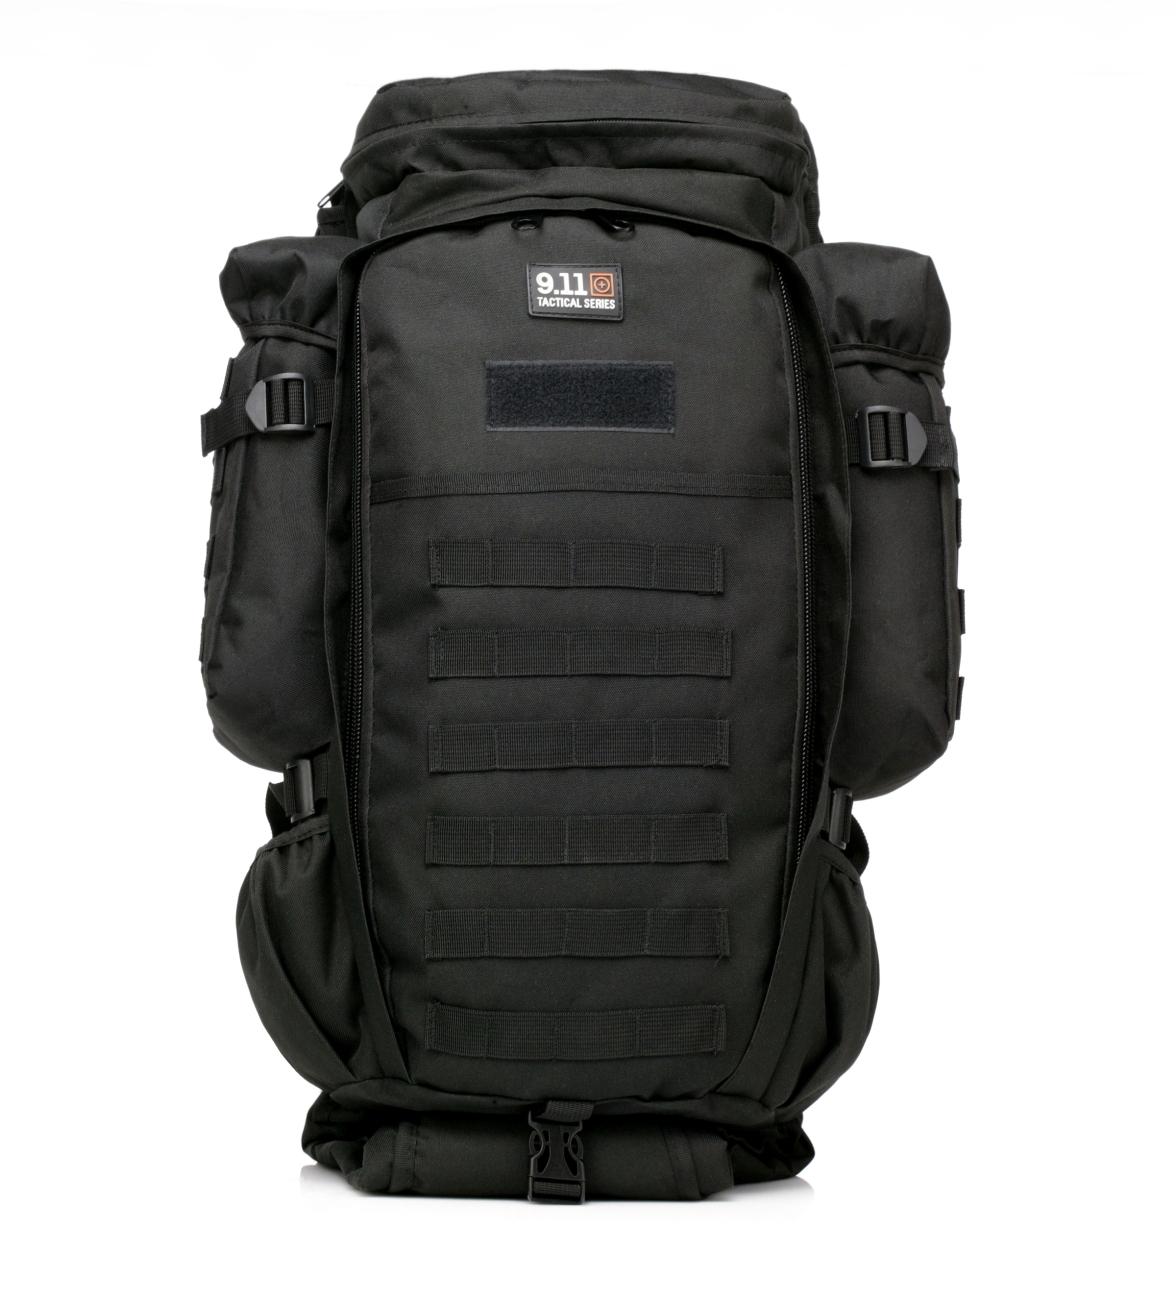 Тактический рюкзак 9.11 с отделением под карабин недорого